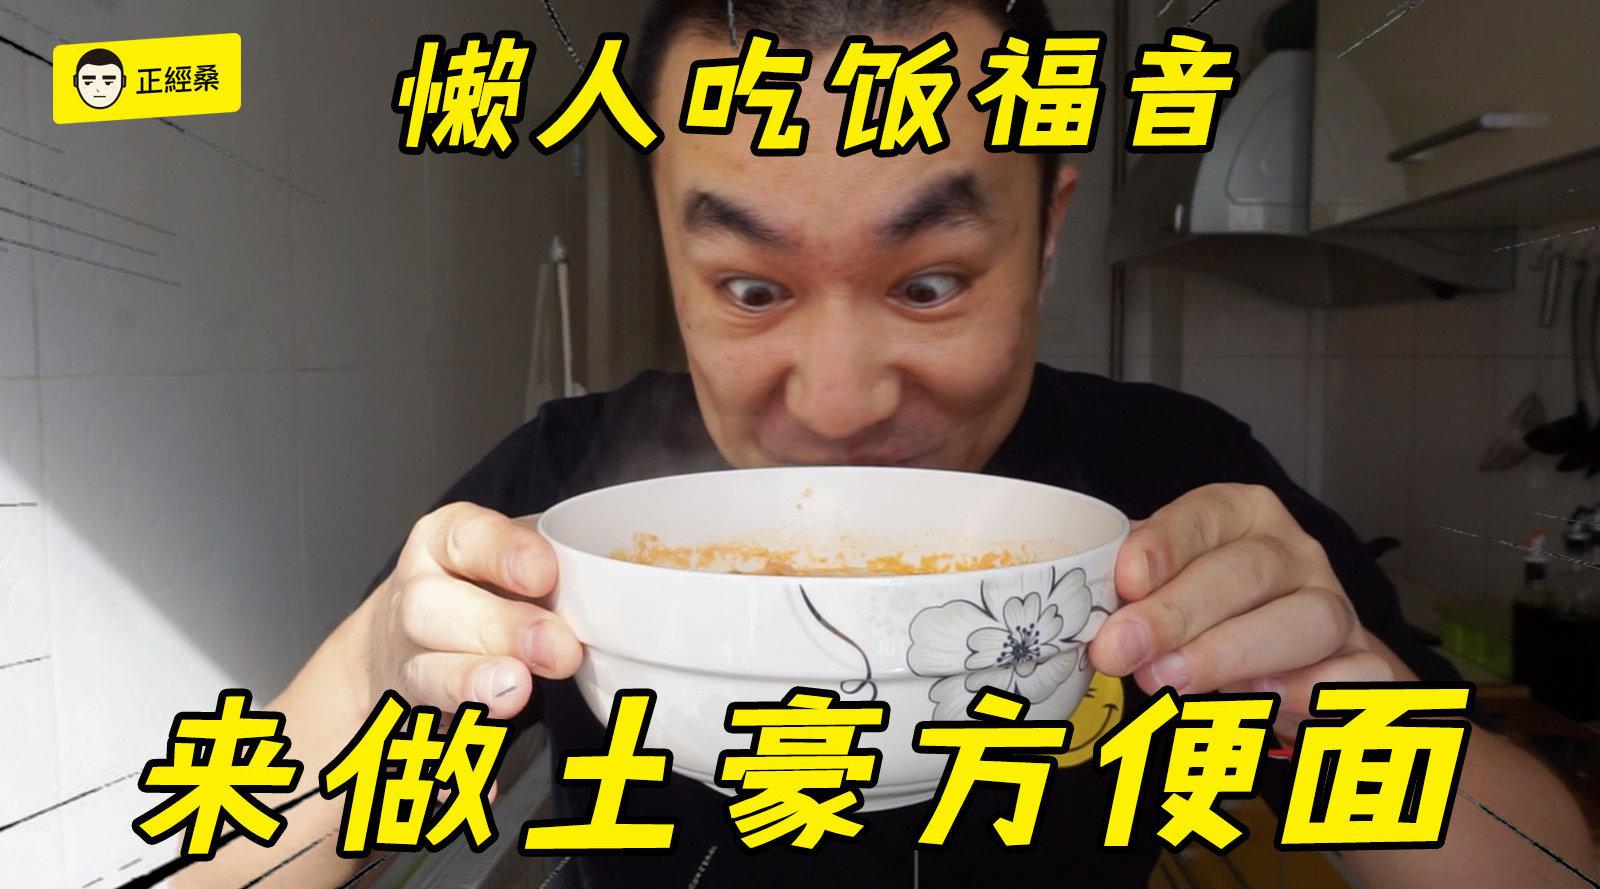 正经桑:懒人吃饭福音—来做土豪方便面 当你懒得做饭时,泡面是最好的选择...